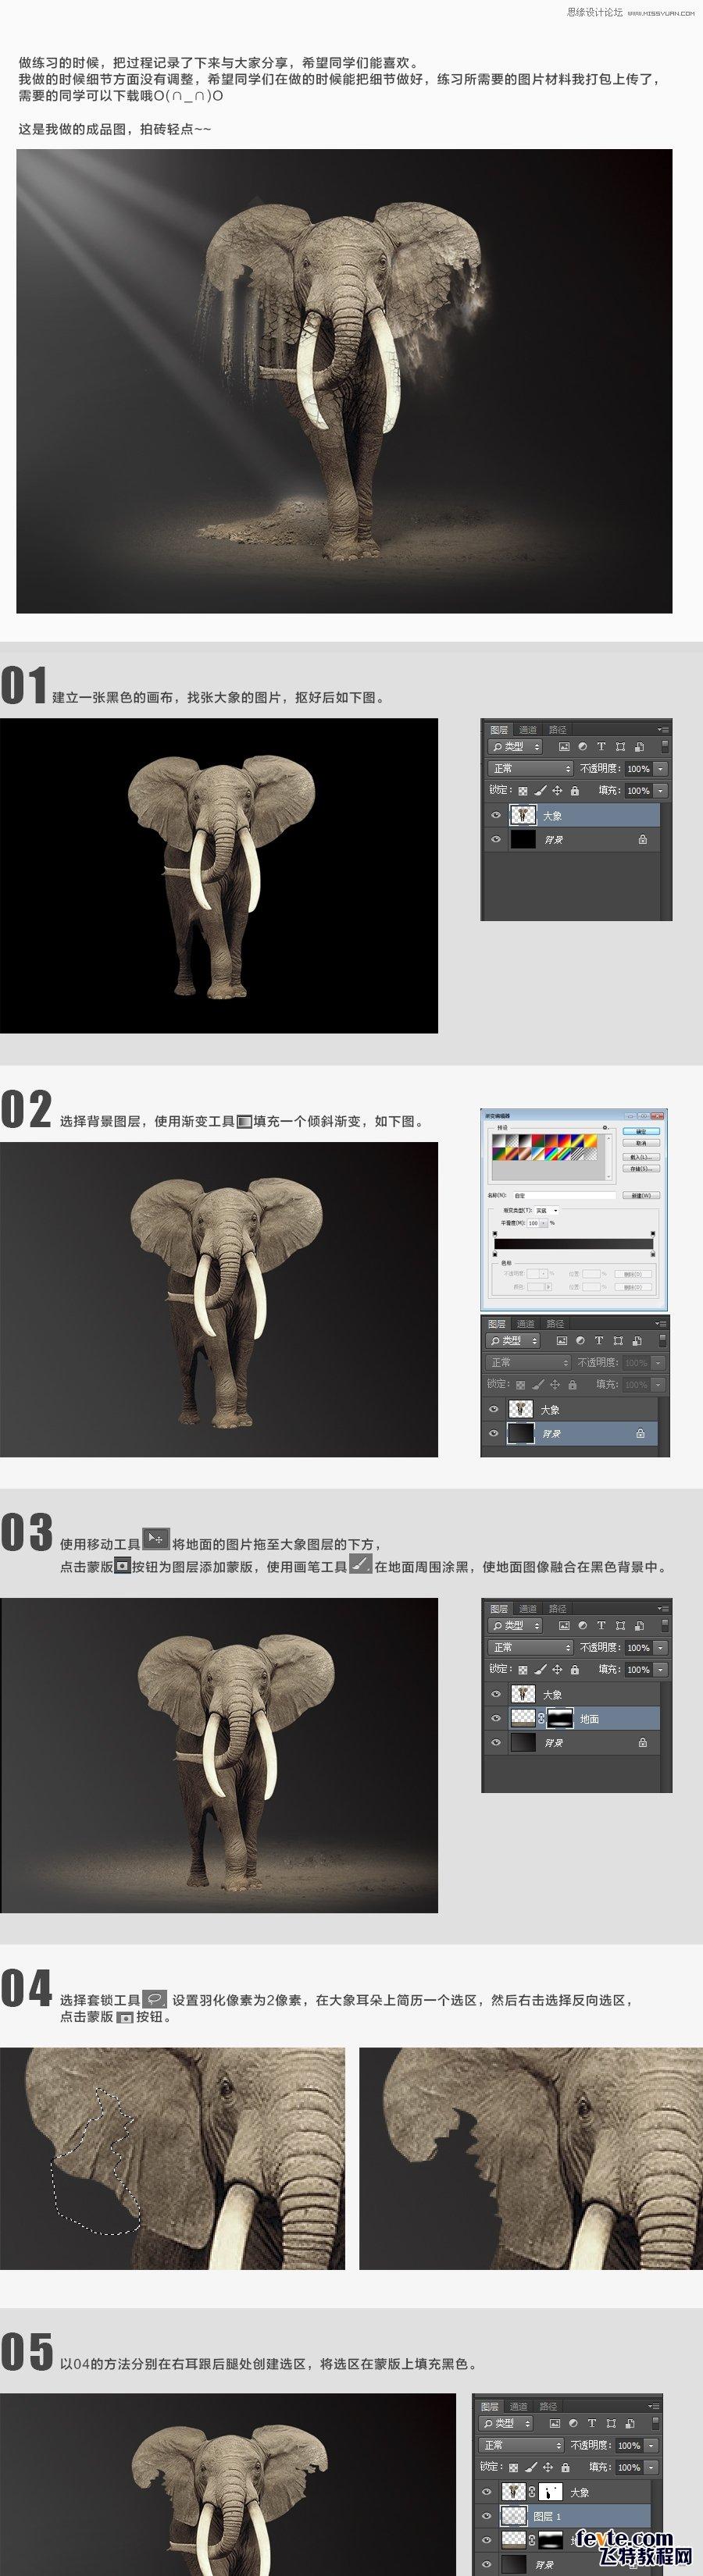 创意合成,PS制作被沙石粉化效果大象的创意合成图片